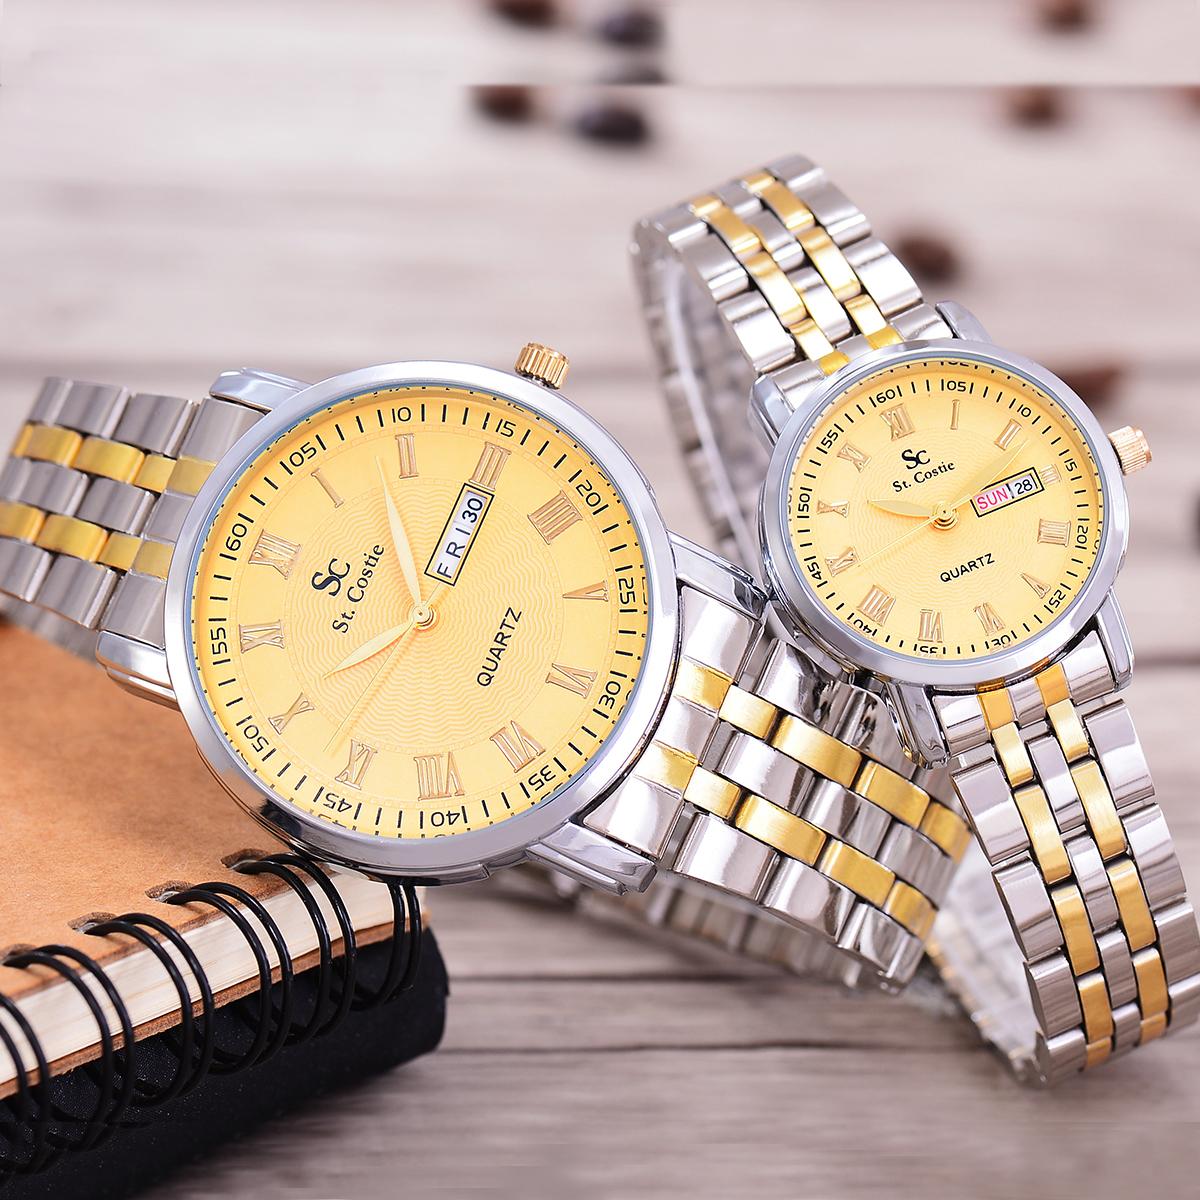 Saint Costie Original Brand, Jam Tangan Pria & Wanita- Body Silver .